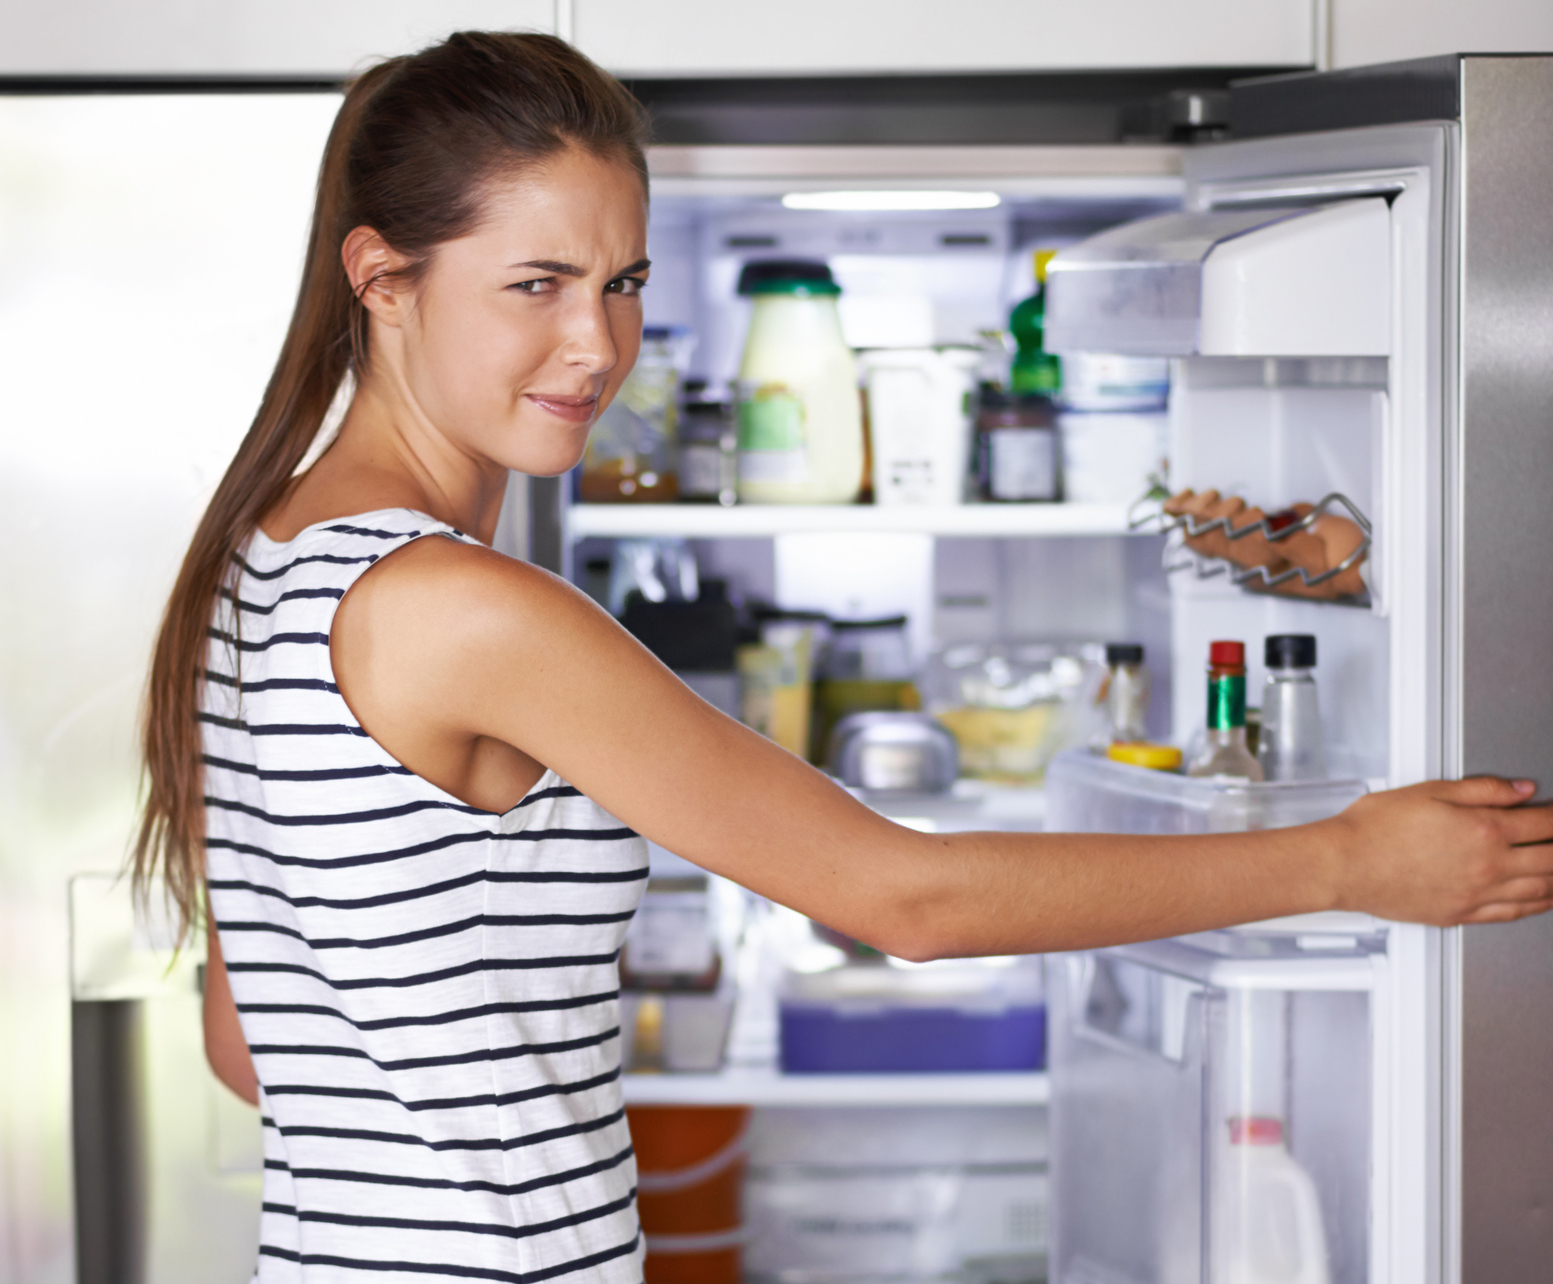 odeur au frigo